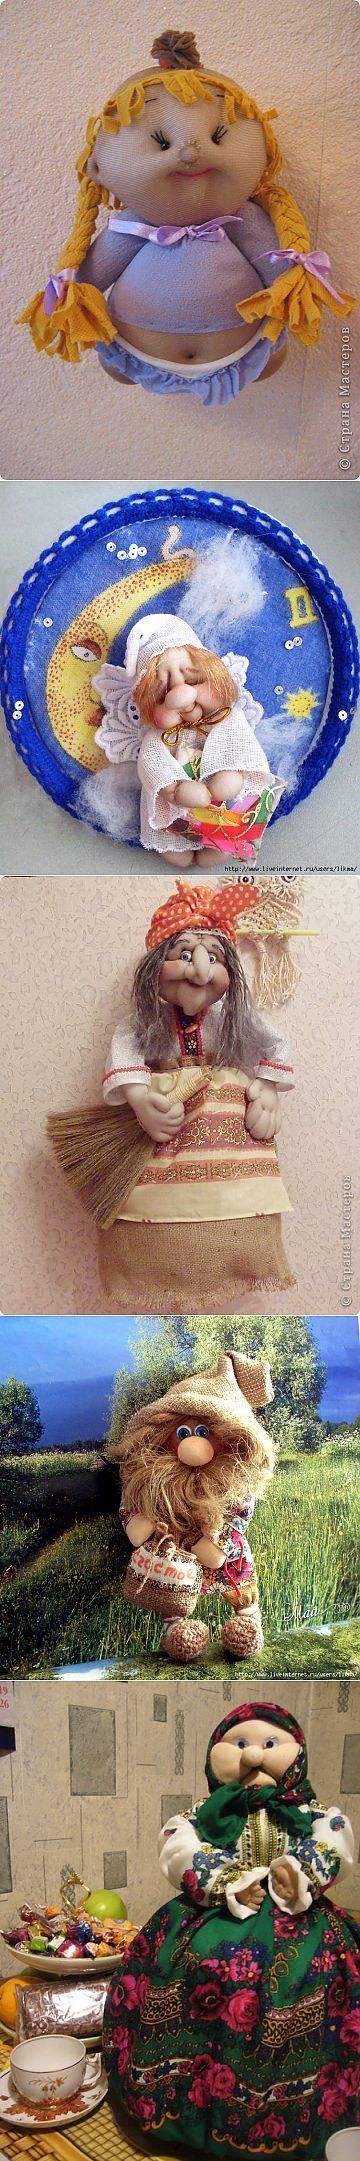 Изготовление кукол из колготок и носков. Мастер-классы по изготовлению кукол в скульптурно-текстильной технике (чулочная техника)